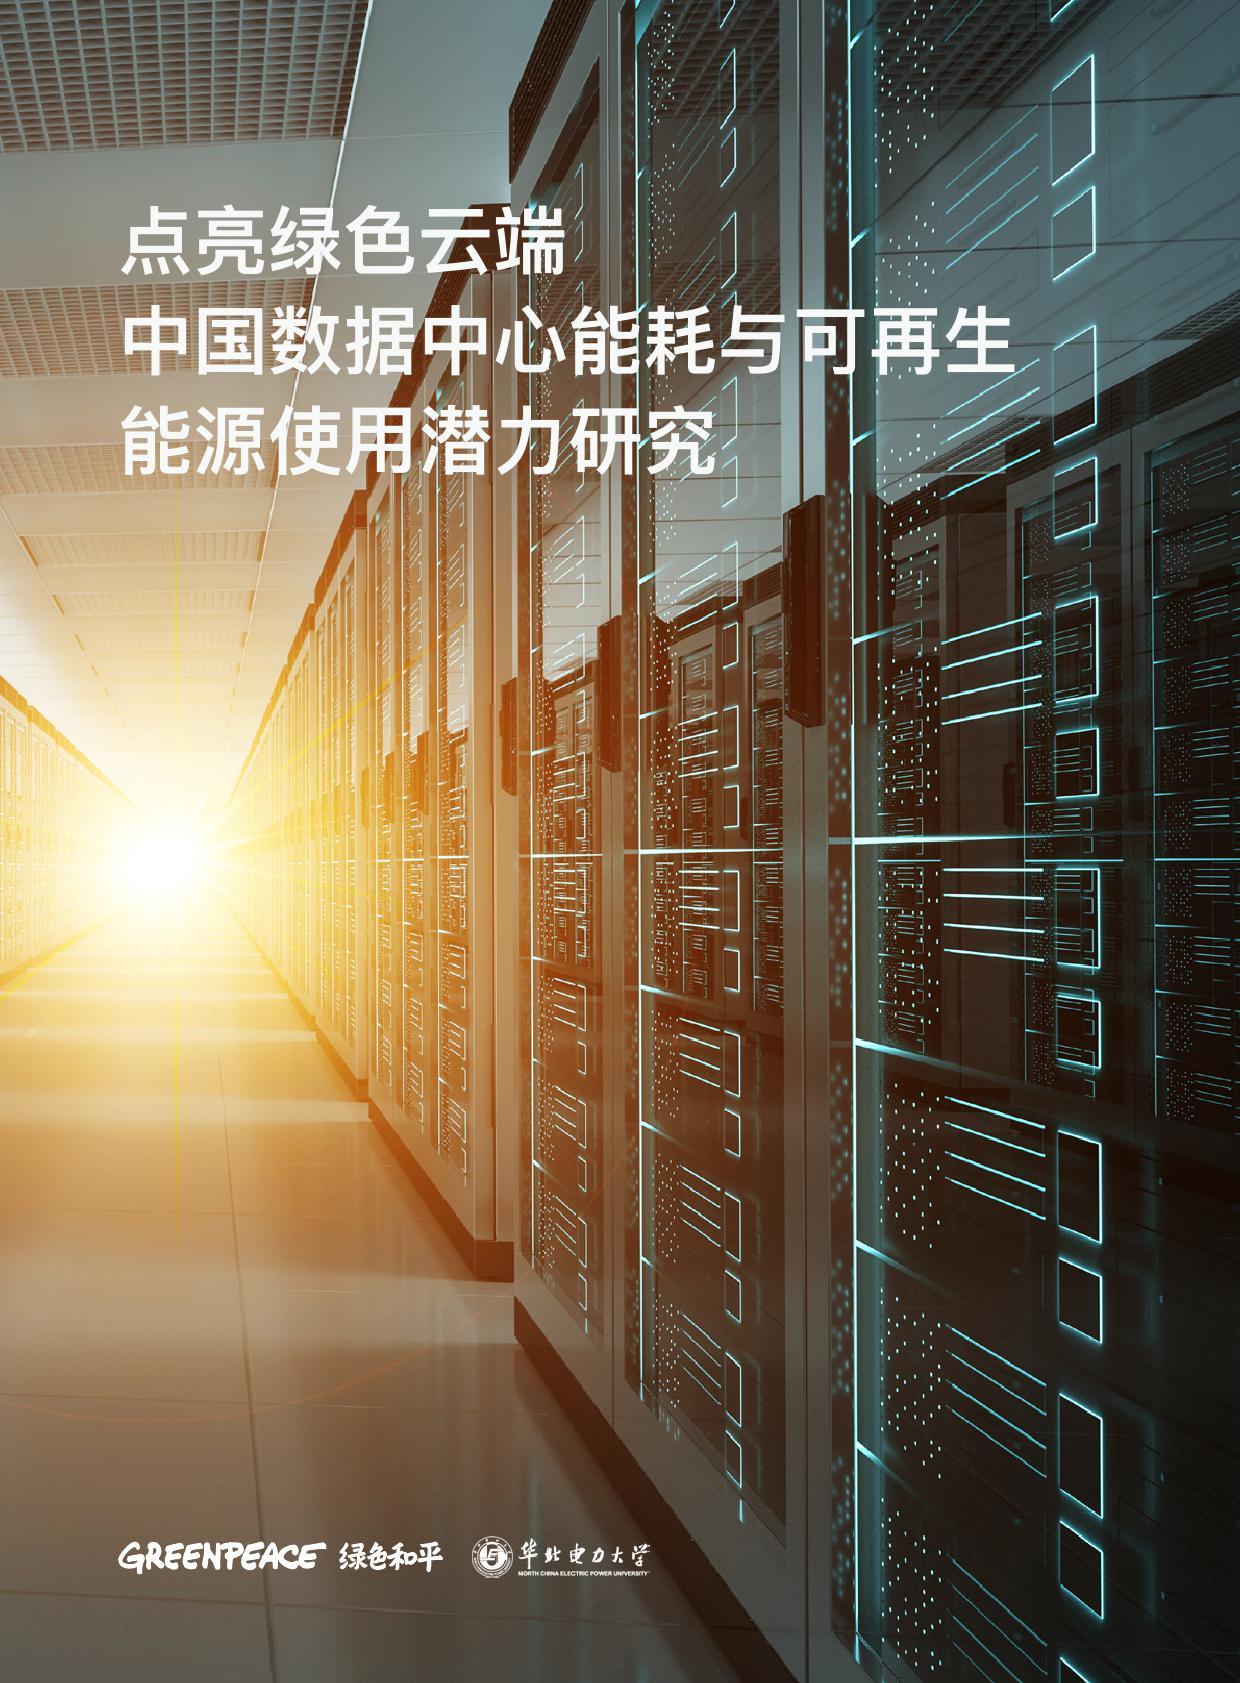 绿色和平&华北电力大学:中国数据中心能耗与可再生能源使用潜力研究(附下载)